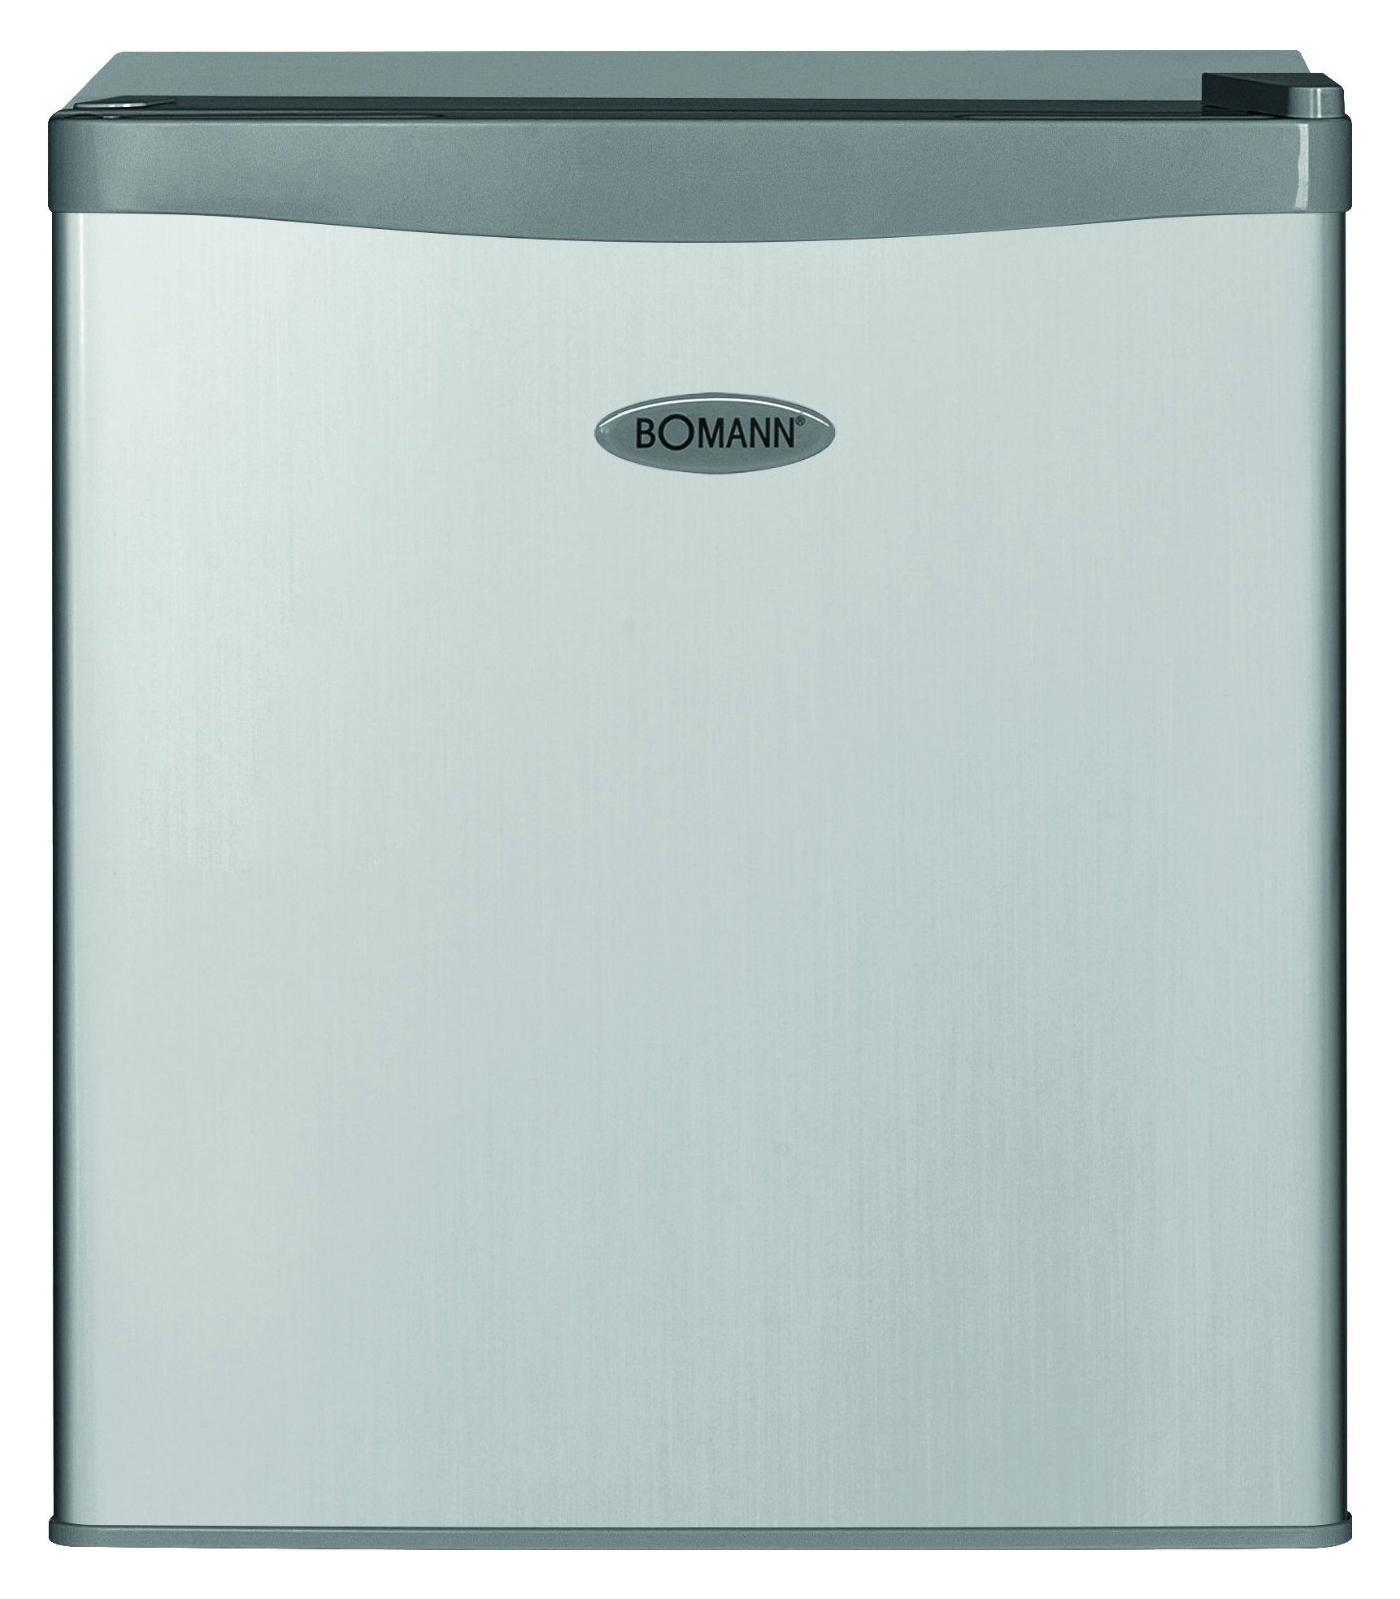 Bomann GB 388 A++/32L, Silver морозильная камера - Холодильники и морозильные камеры